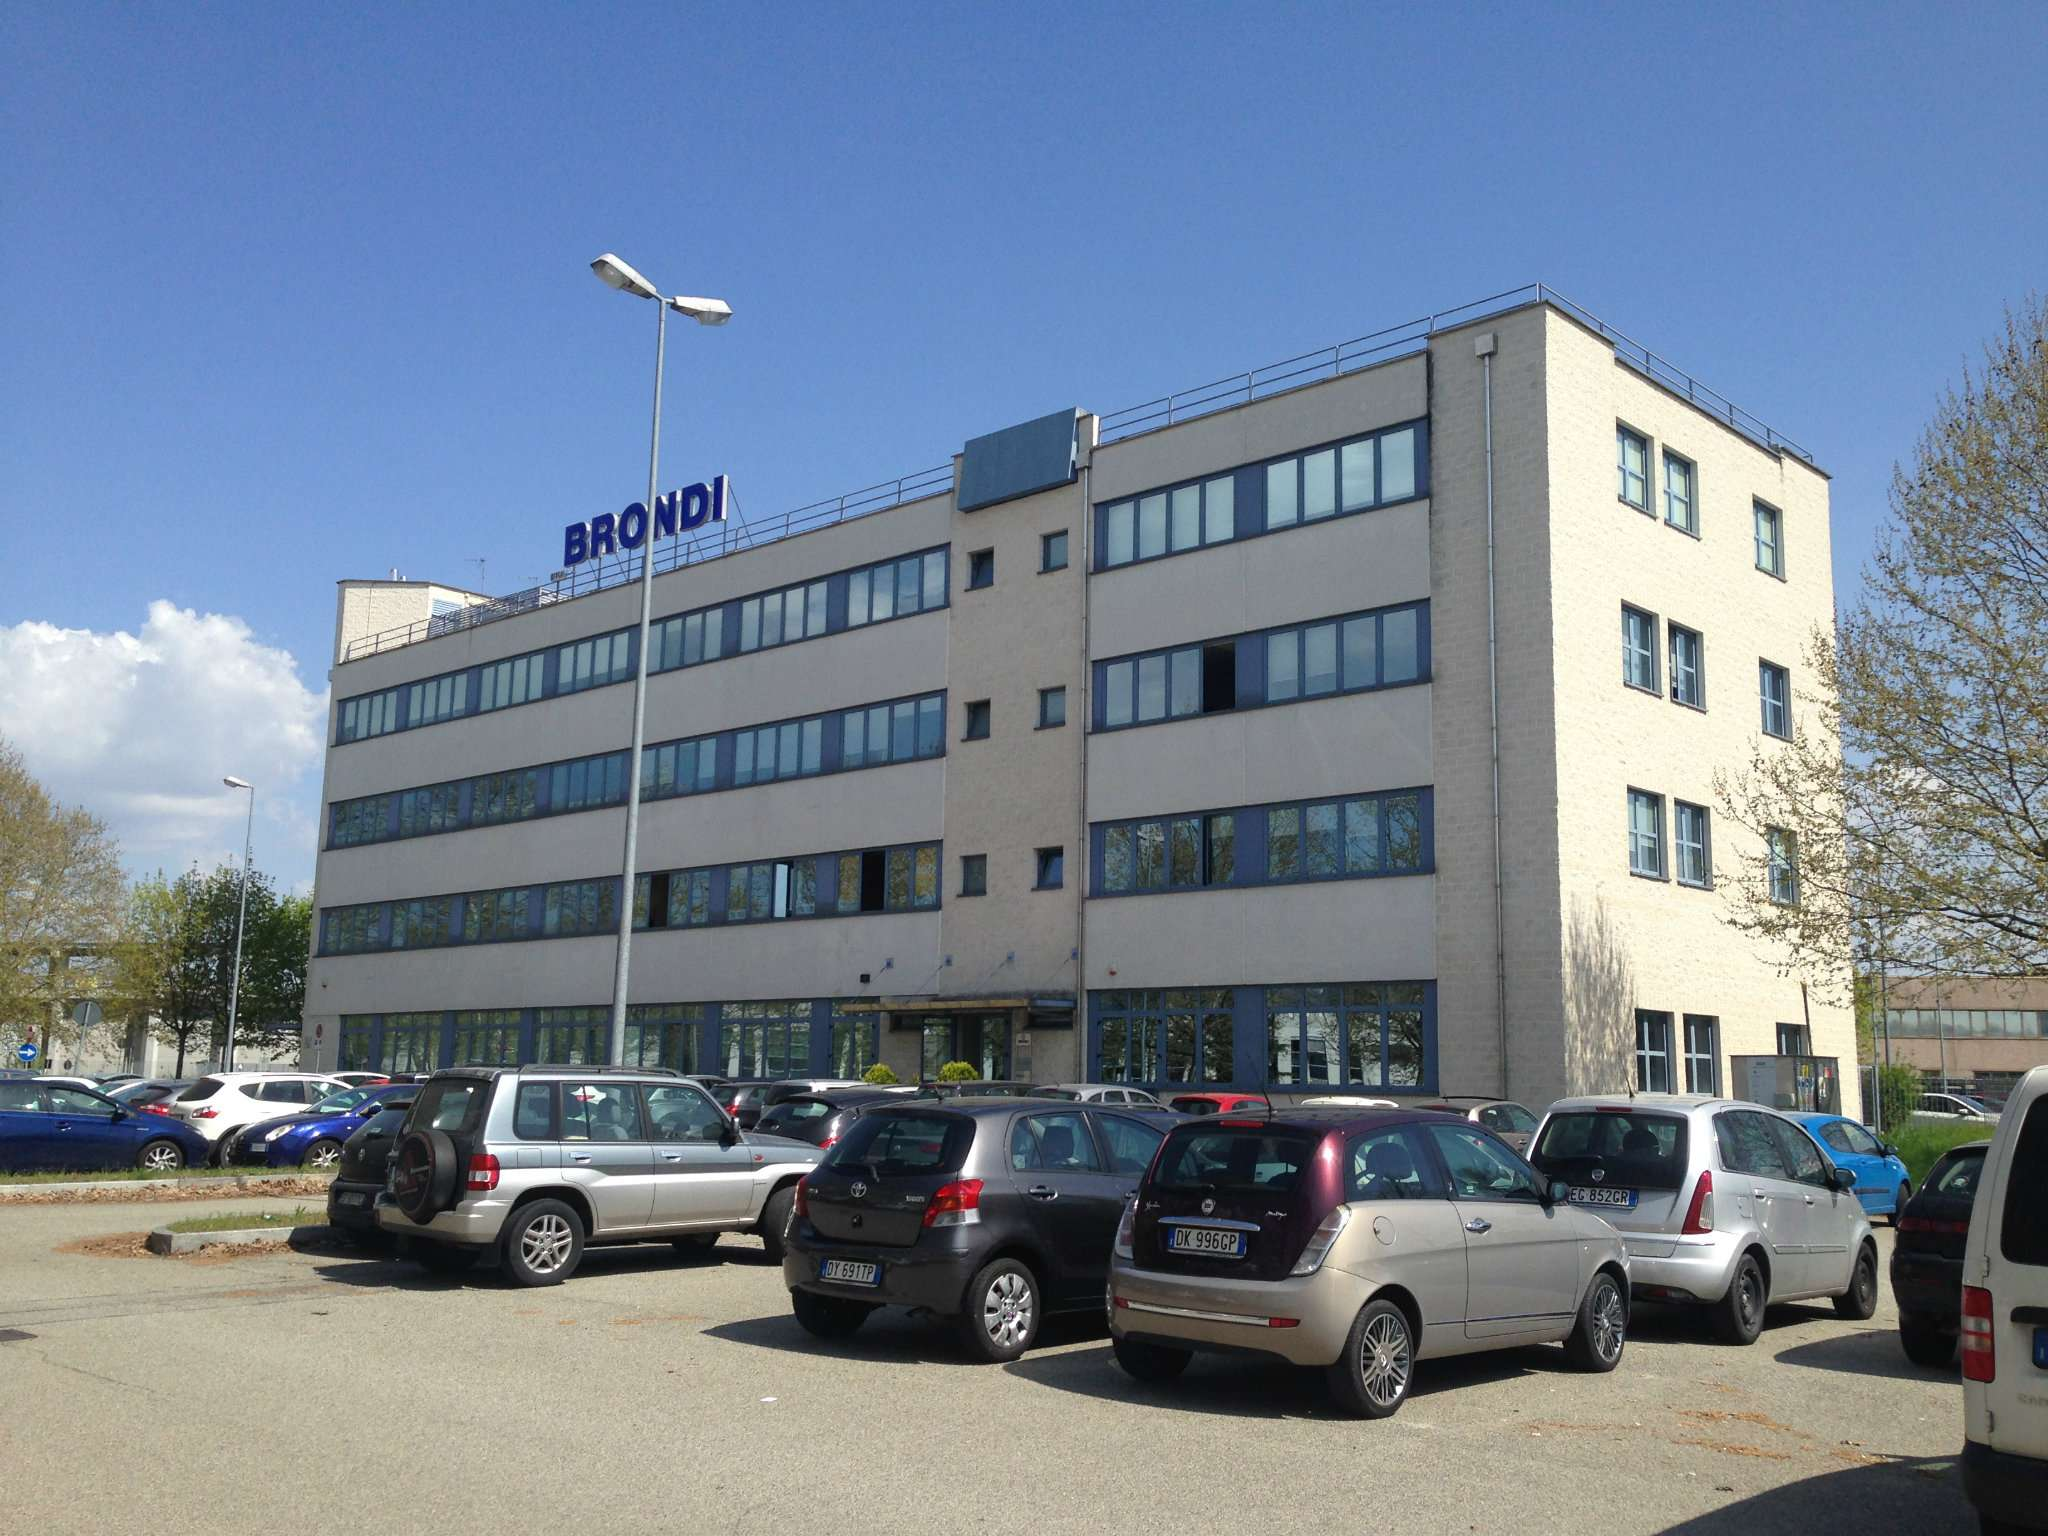 Ufficio / Studio in affitto a Moncalieri, 8 locali, prezzo € 2.050 | CambioCasa.it